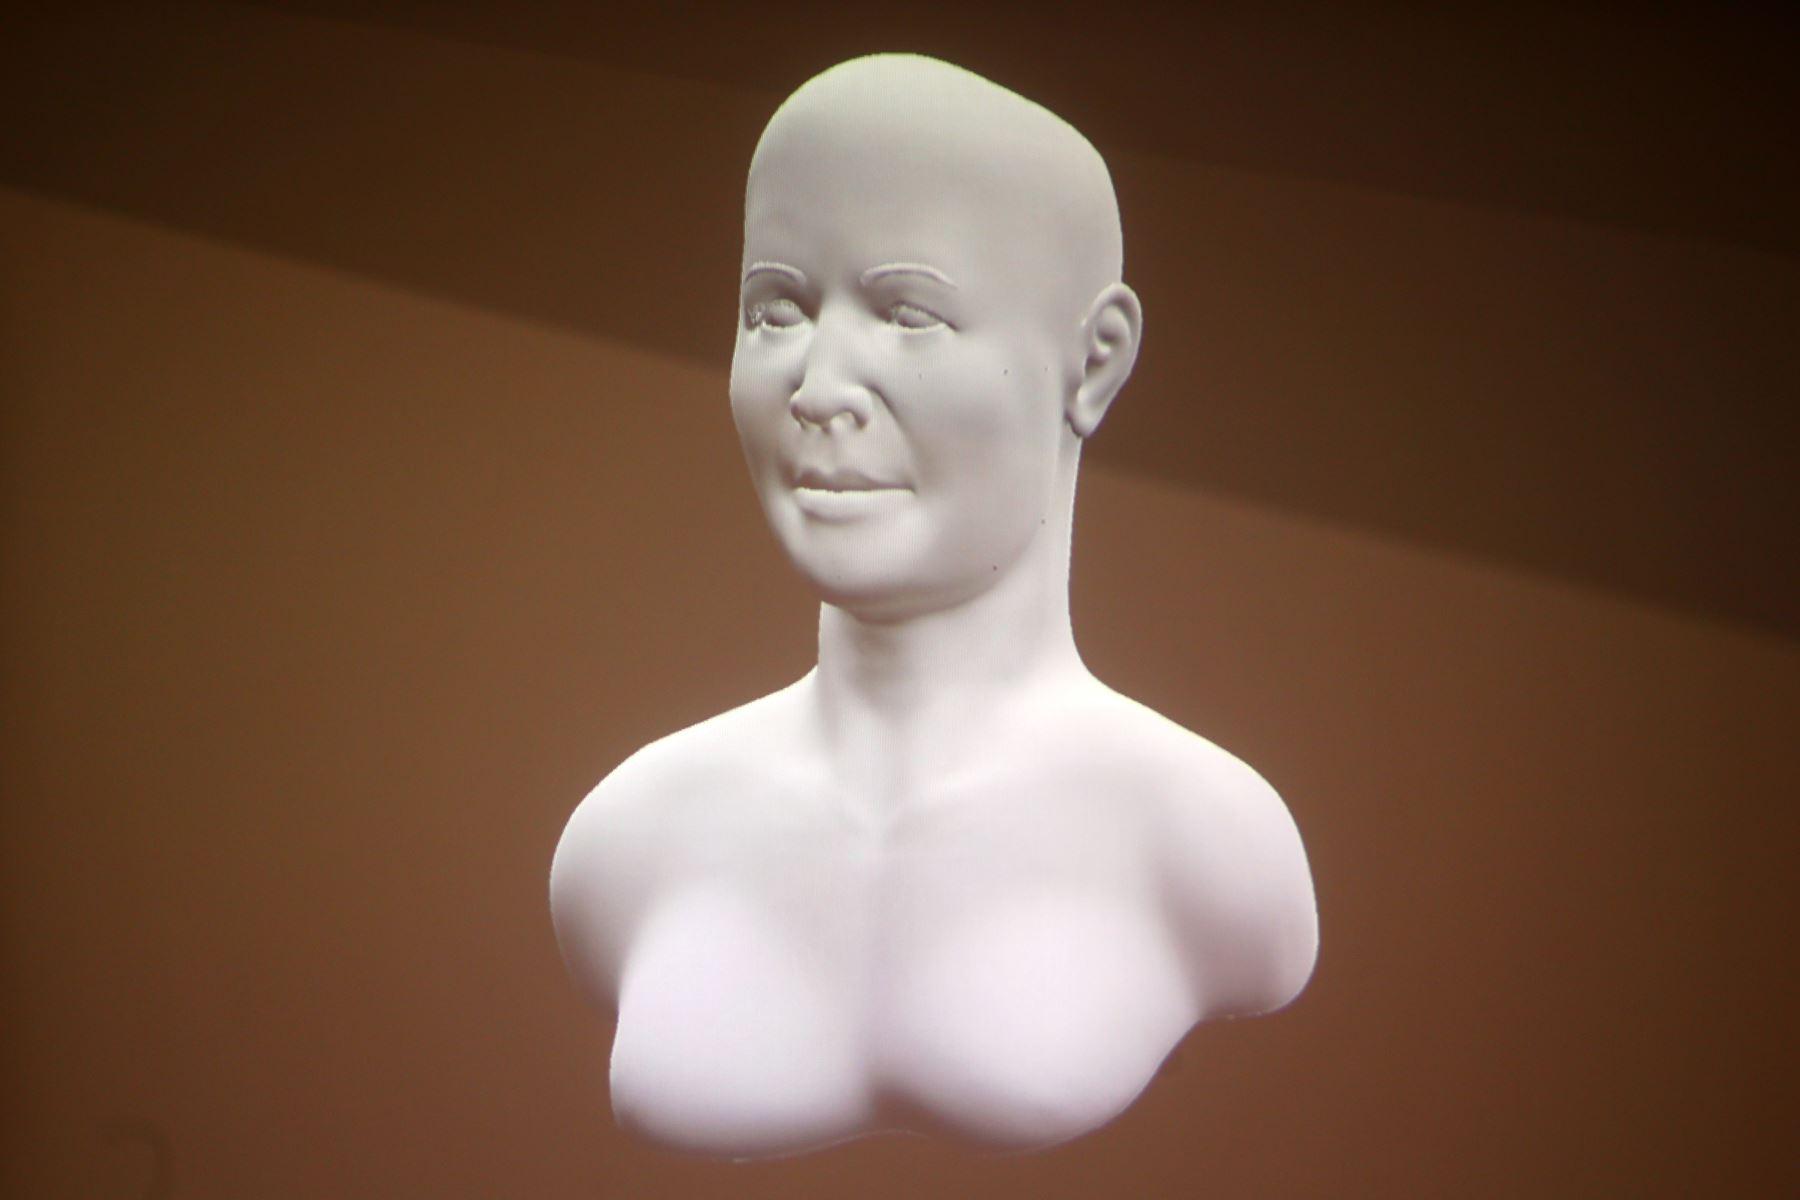 """El misterio que embargaba sobre la identidad de una mujer de alto estatus social en la civilización Caral, llamada la """"Dama de los Cuatro Tupus"""", cuyos restos fueron encontrados en el sitio arqueológico Áspero, fue revelado hoy con la presentación de su rostro reconstruido gracias a la tecnología en tercera dimensión o 3D. ANDINA/Melina Mejía"""